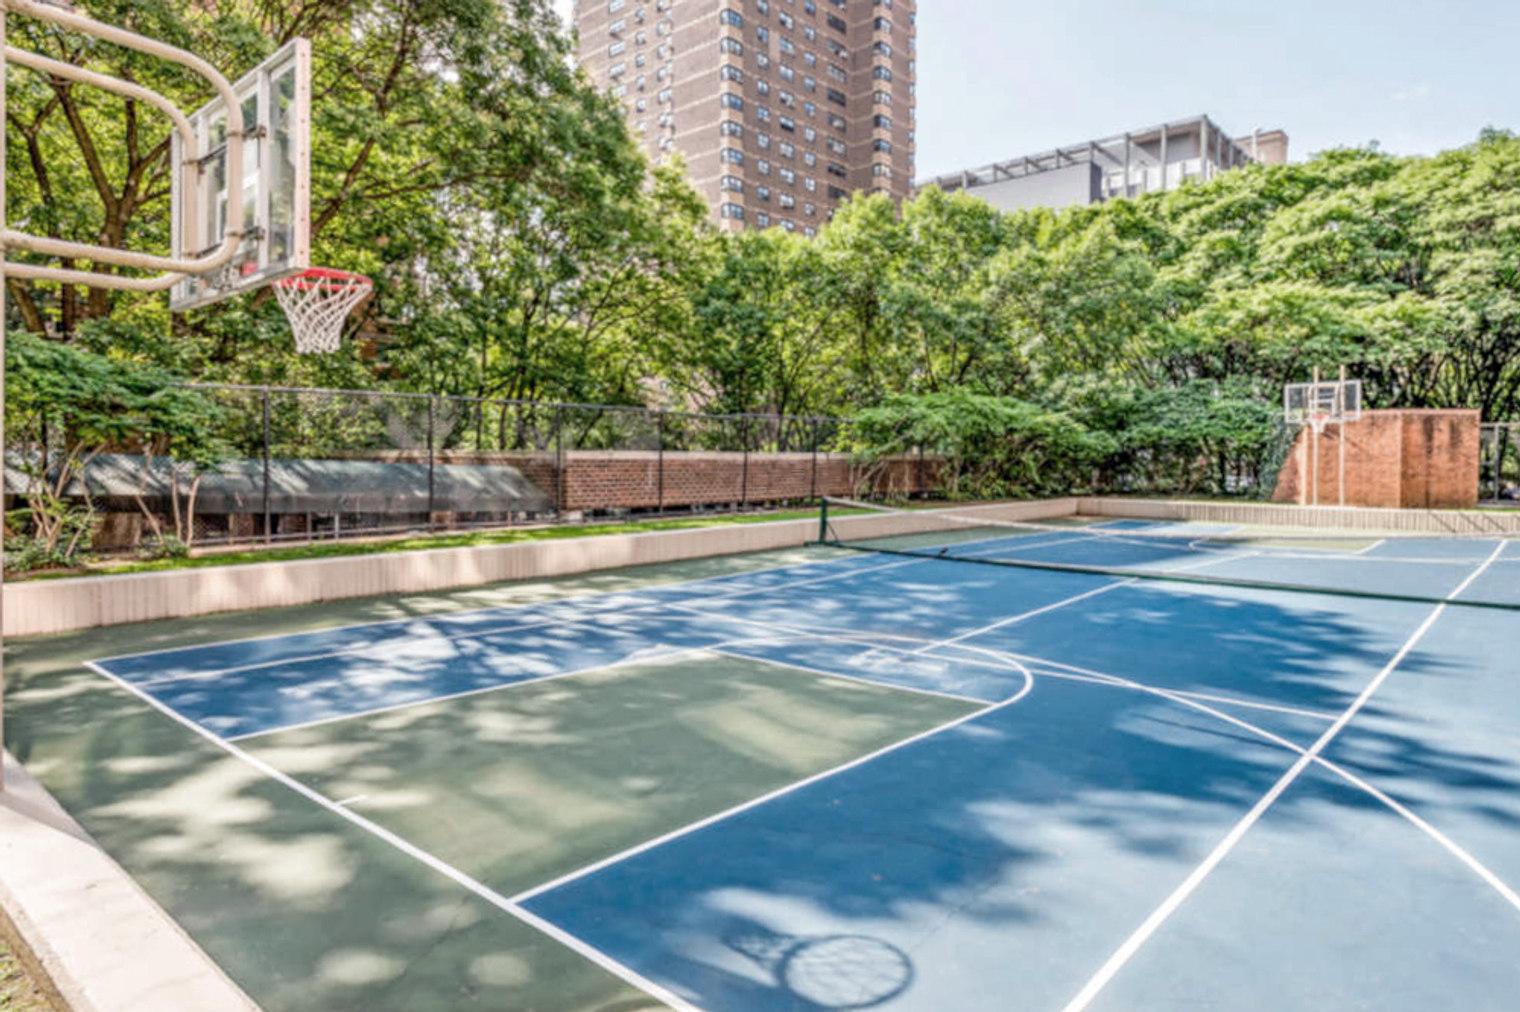 480 Second Avenue Kips Bay New York NY 10016